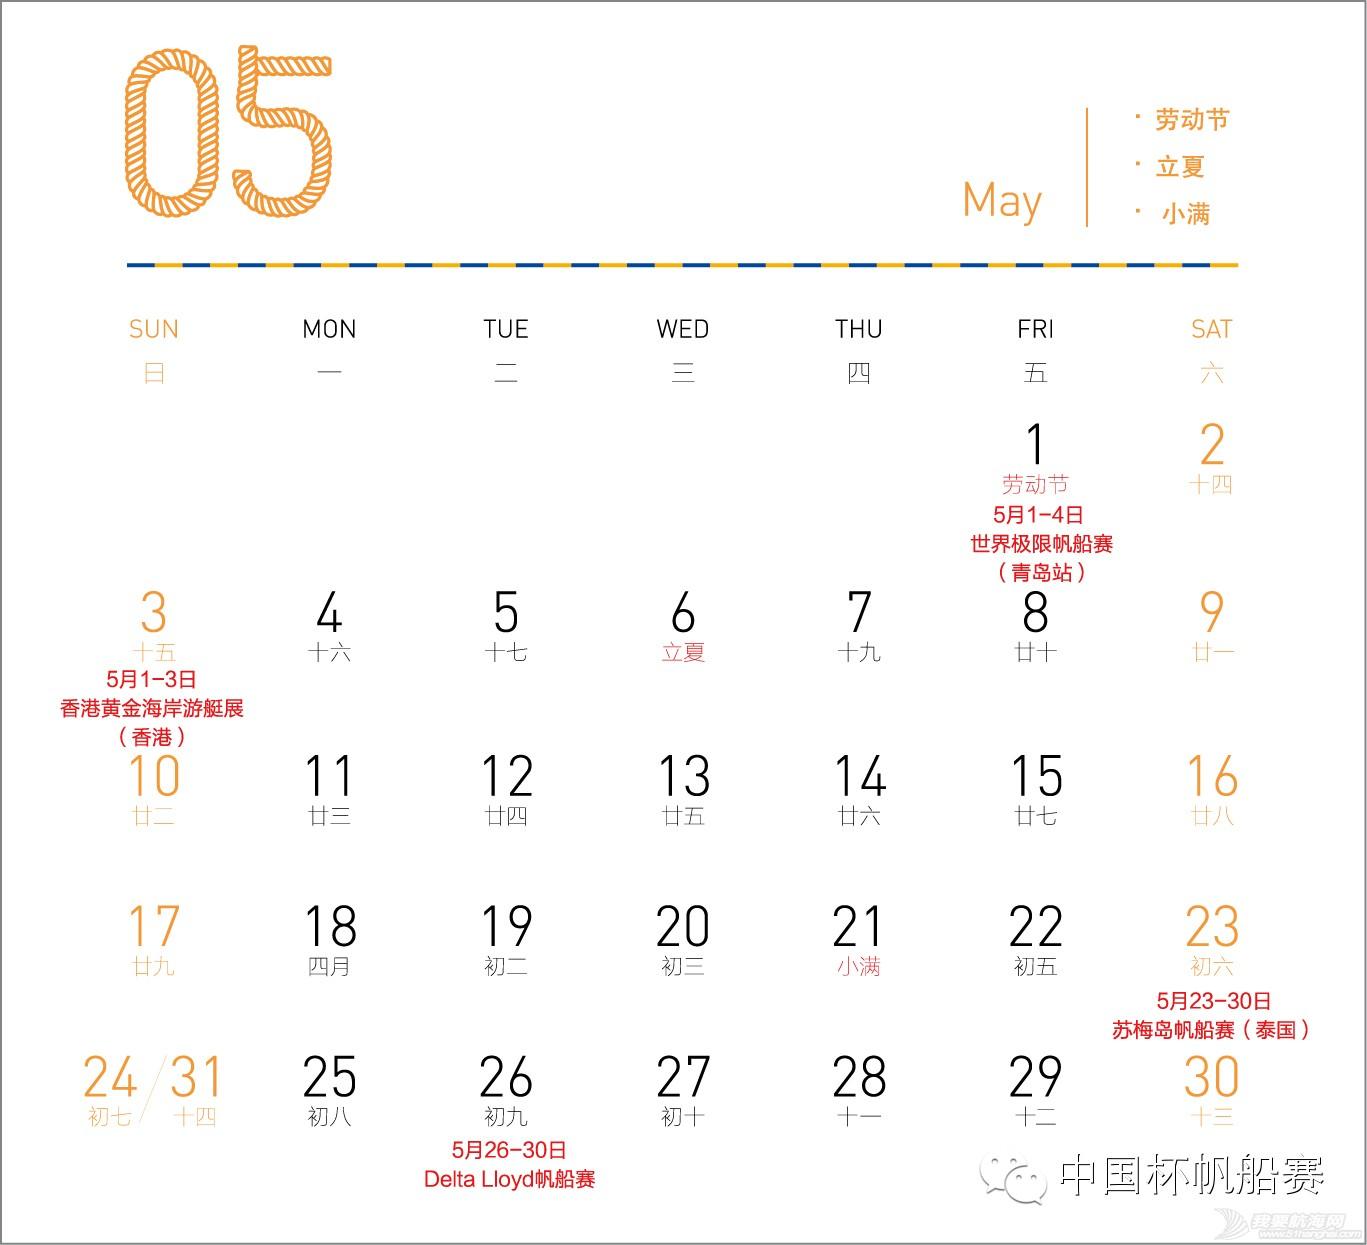 完整版,图片,中国,帆船,国际 2015年国际帆船赛历 e639f2952a3166c2d77f812fa521c00d.jpg